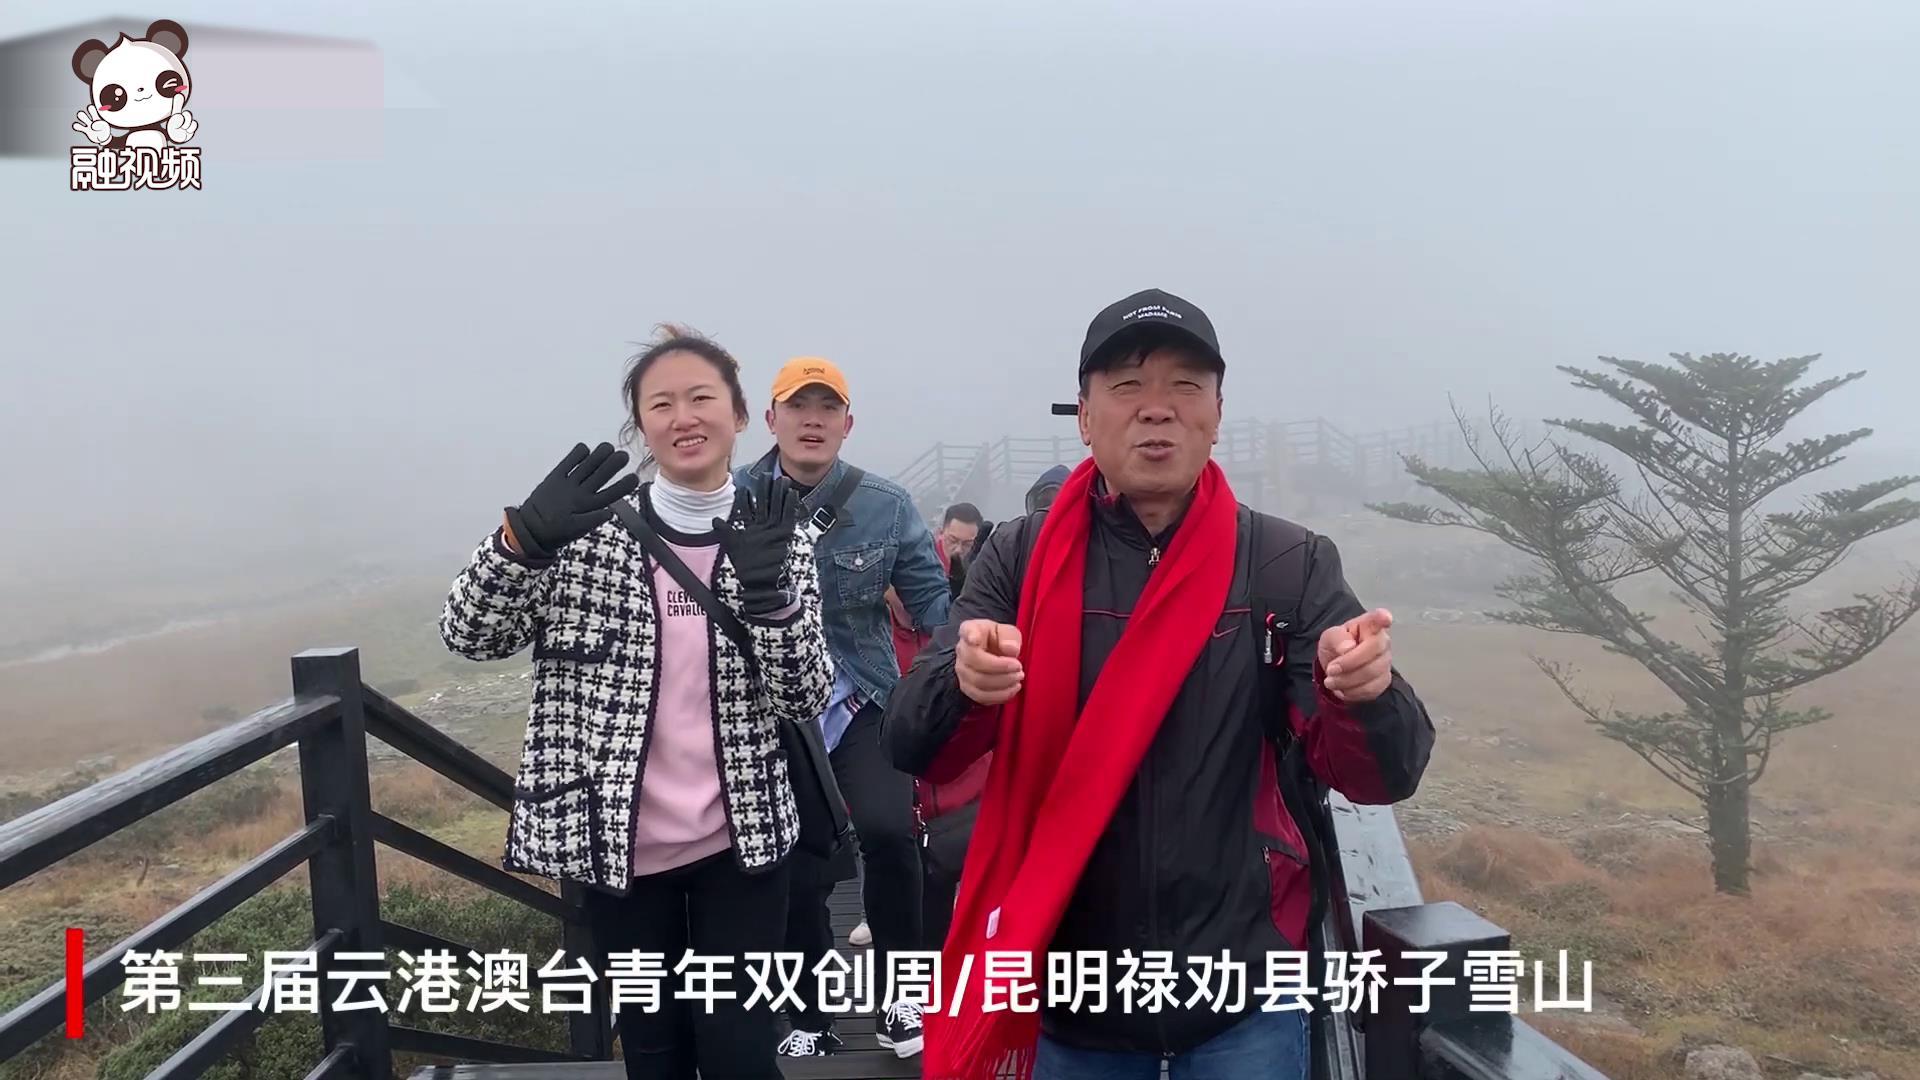 第三届云港澳台青年双创周:昆明禄劝县骄子雪山图片